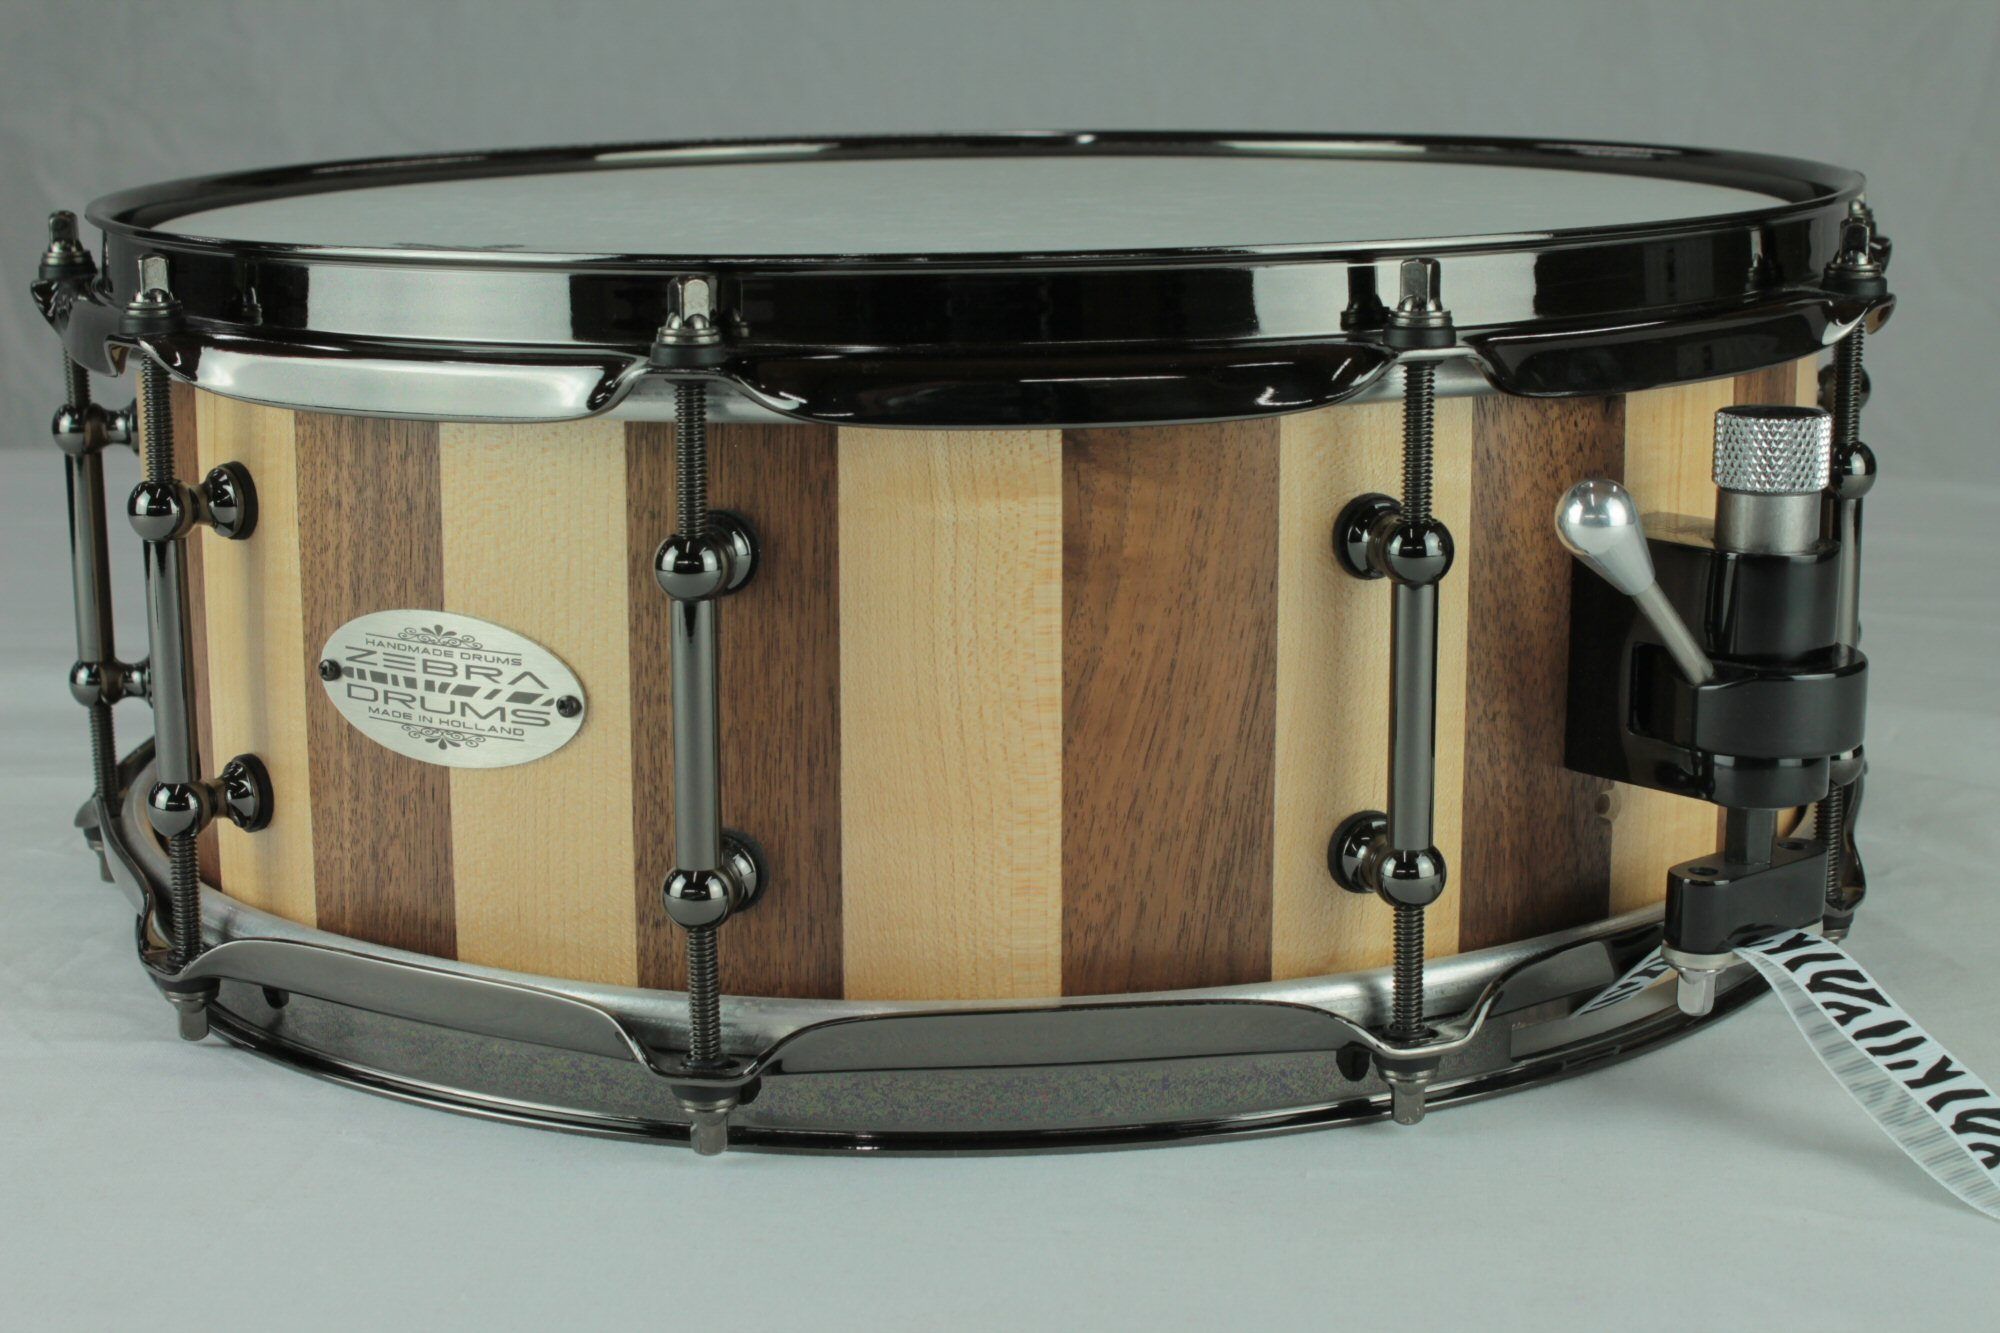 zebra drums snare drums. Black Bedroom Furniture Sets. Home Design Ideas